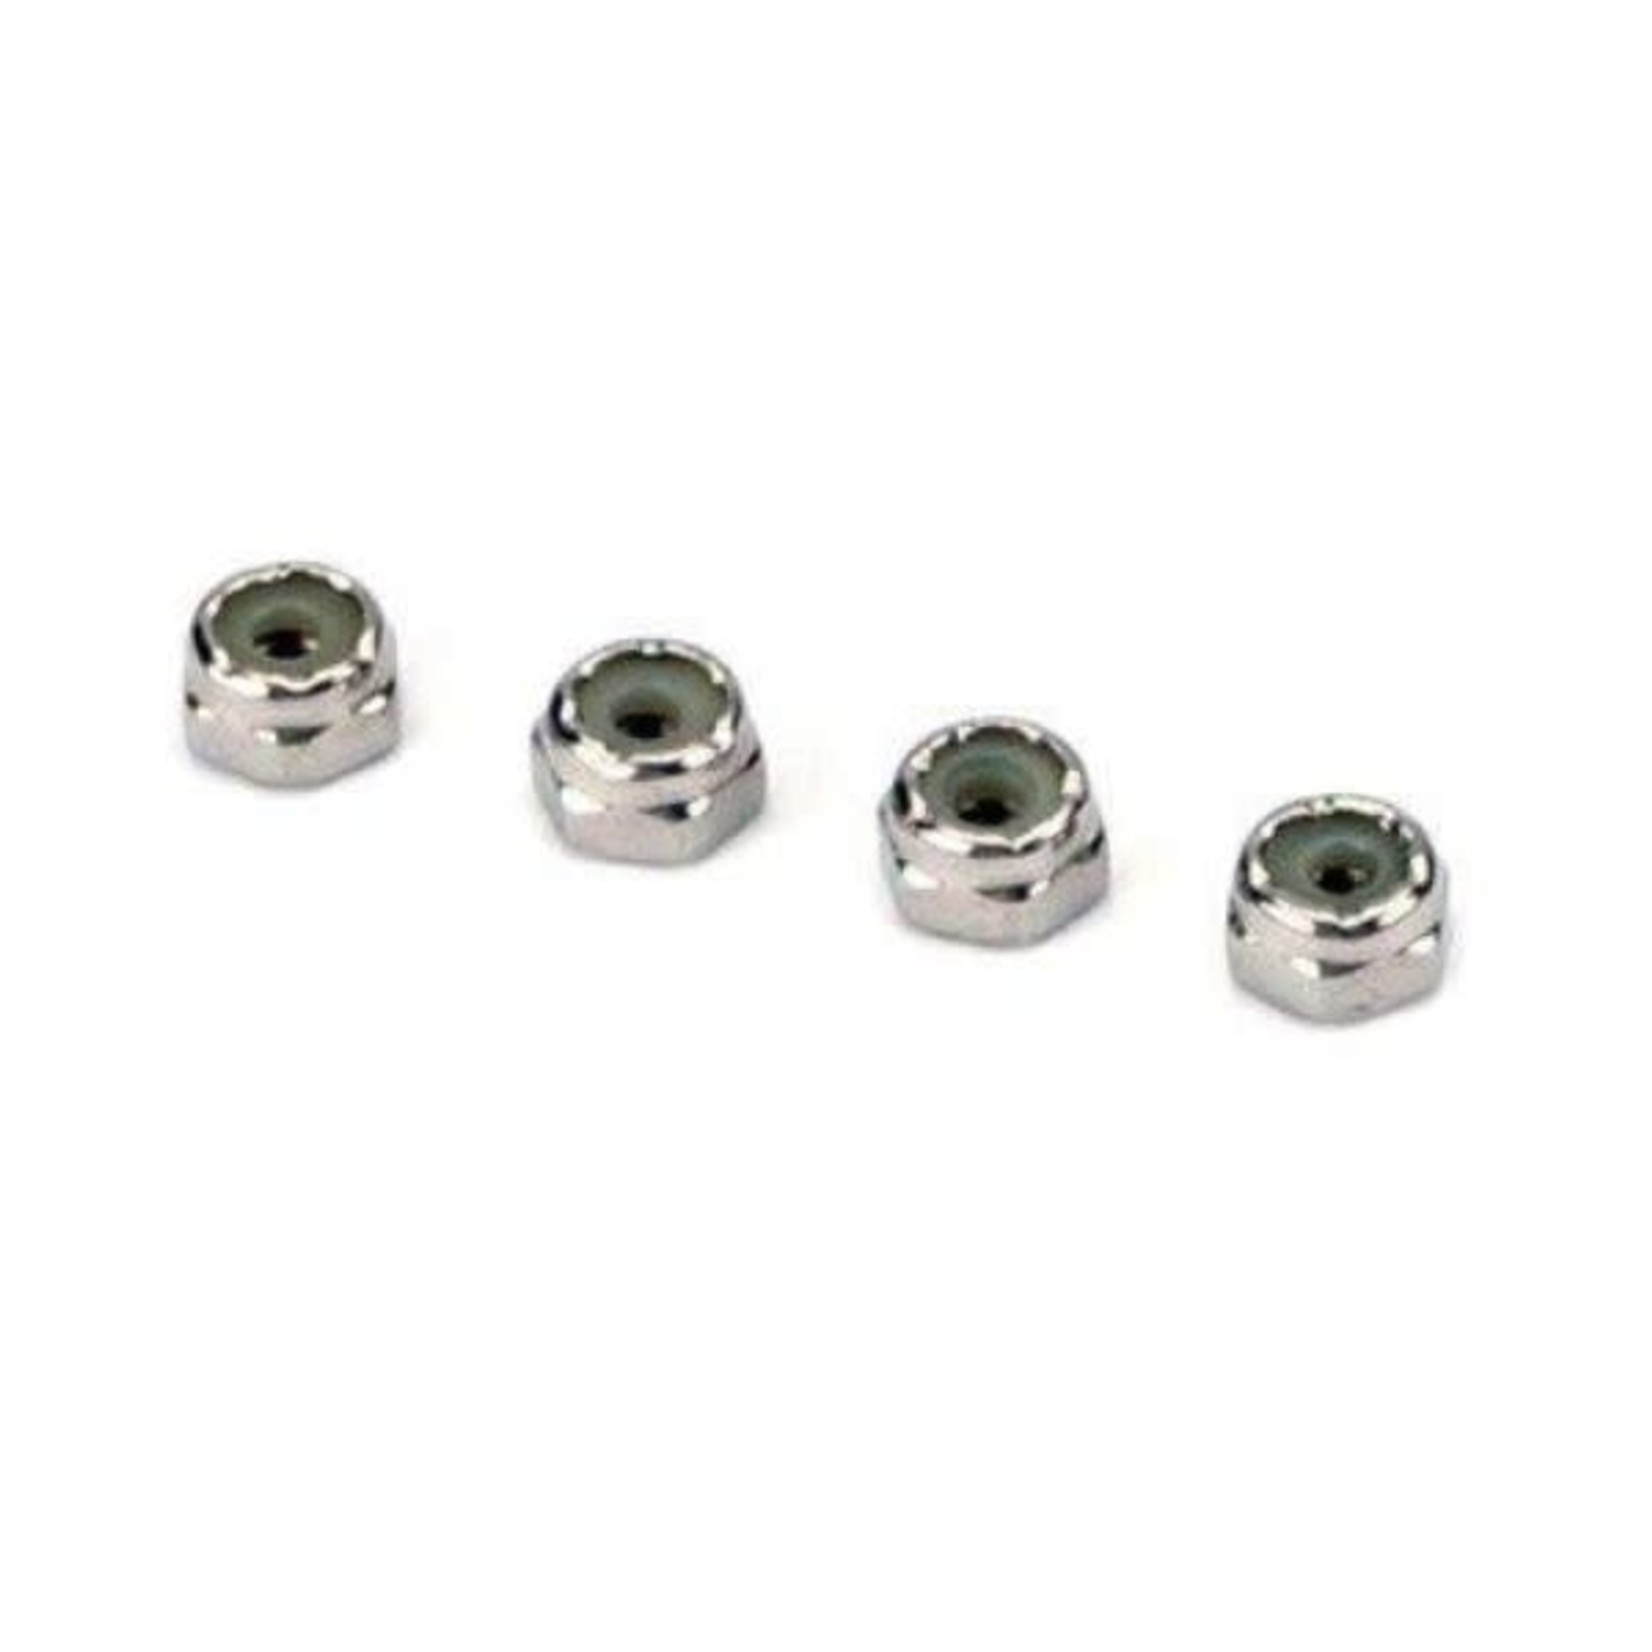 Dubro DUB3113 Dubro SS 6-32 Nylon Insert Lock Nuts